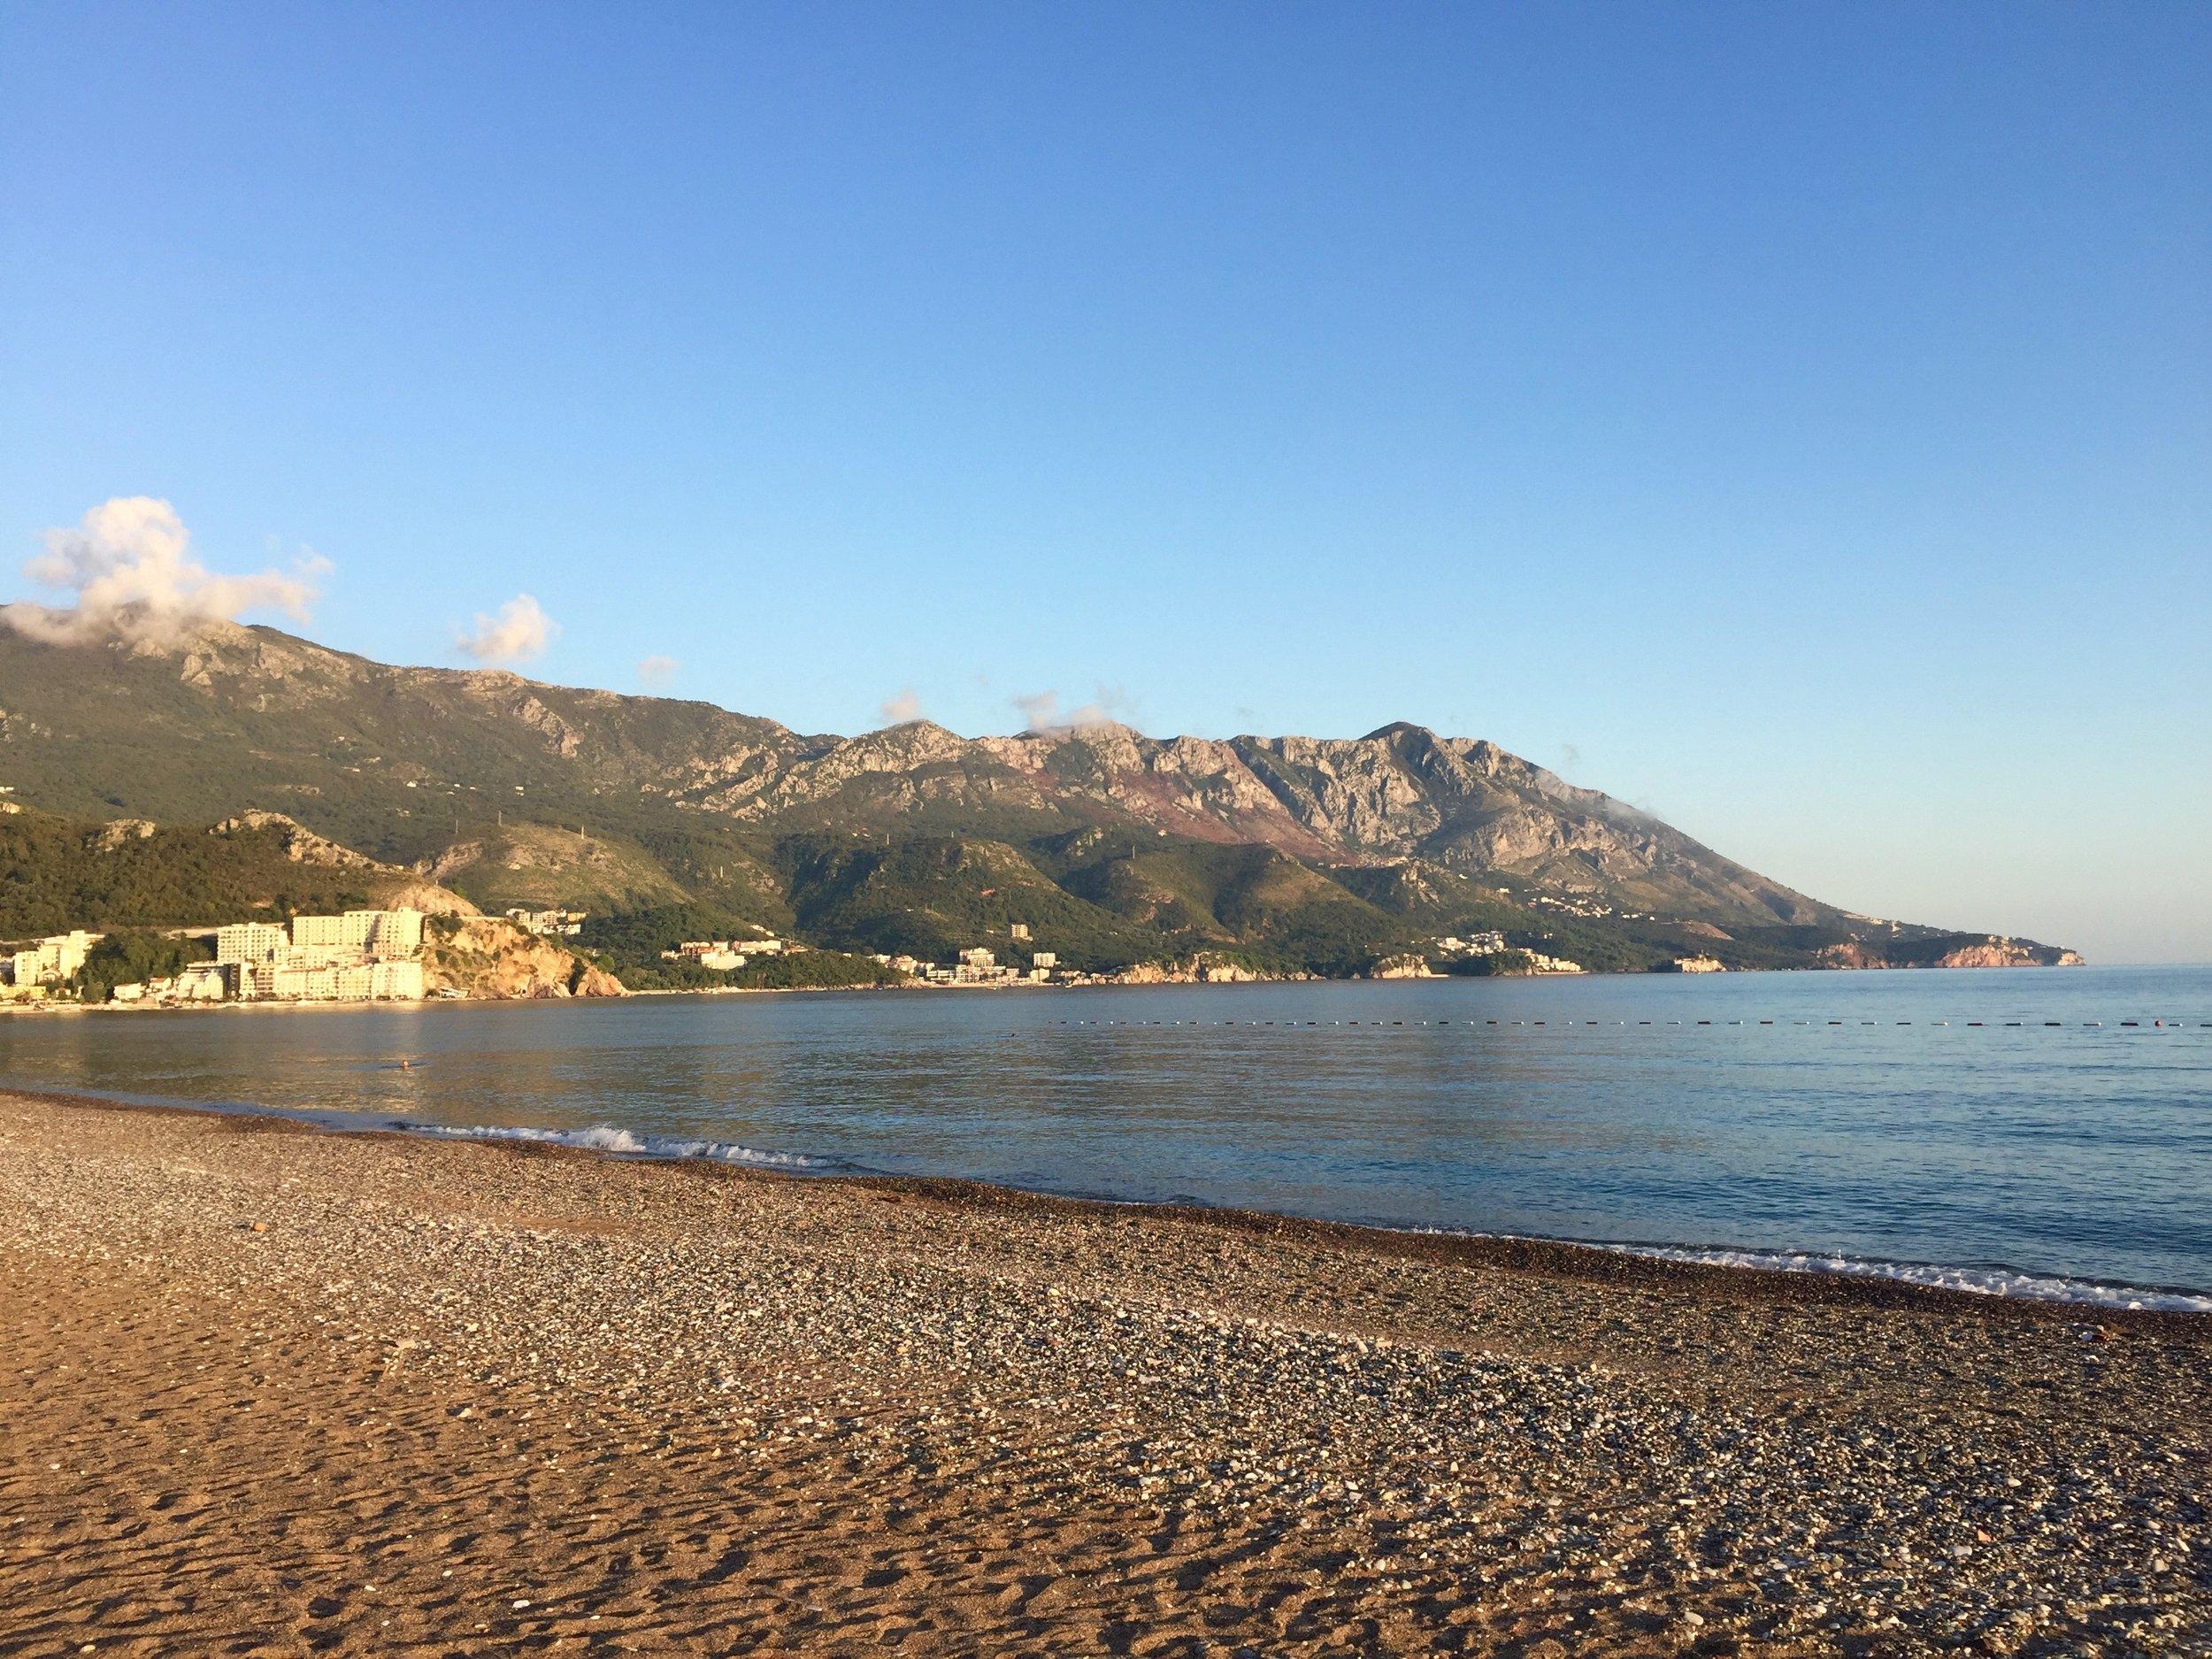 The beach at Budva in Montenegro